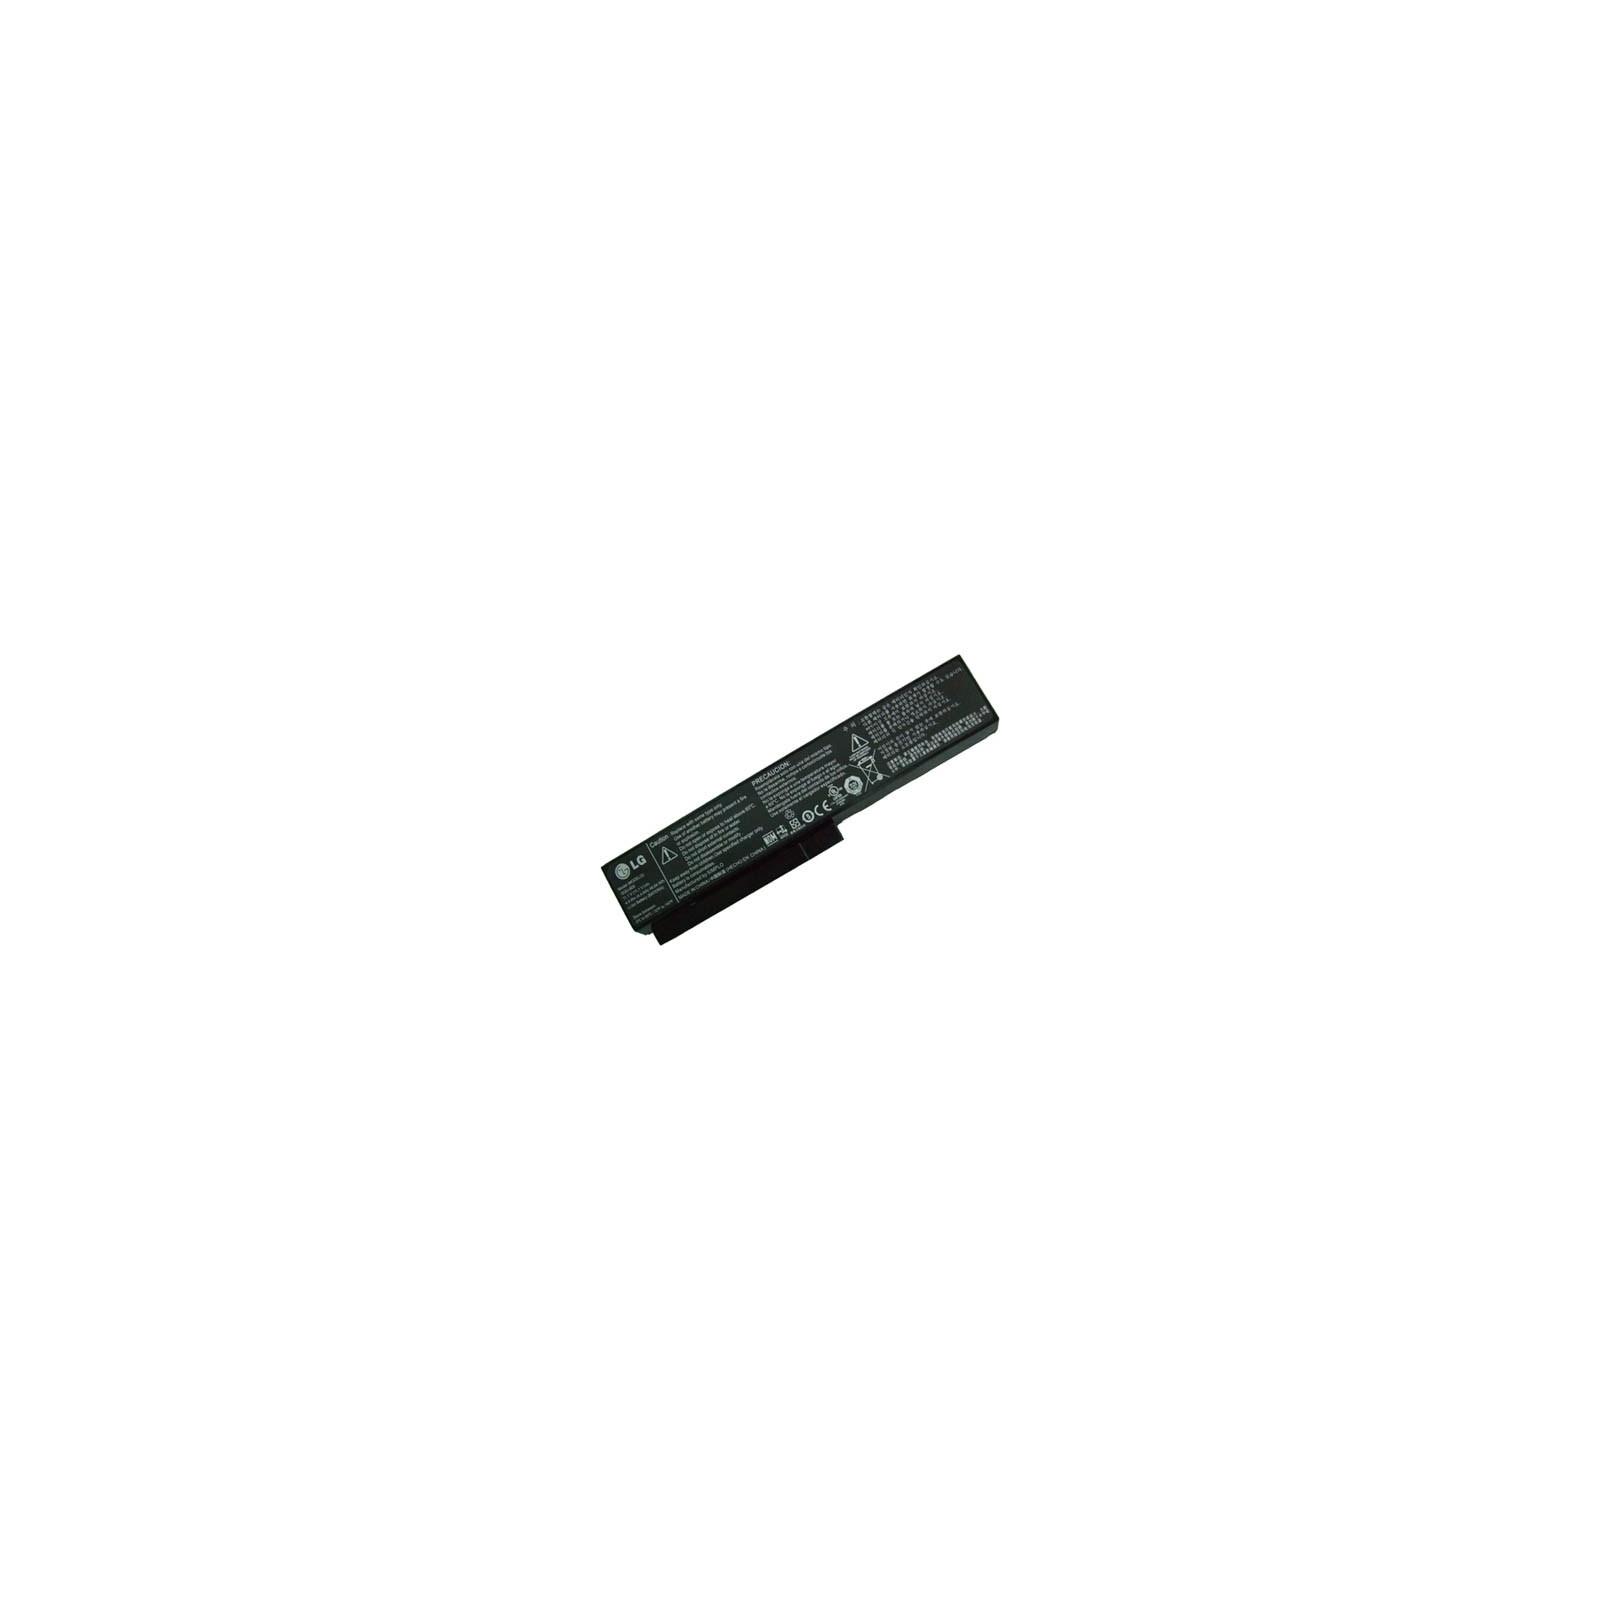 Аккумулятор для ноутбука LG SQU-804 R410 (SQU-804 BO 44)